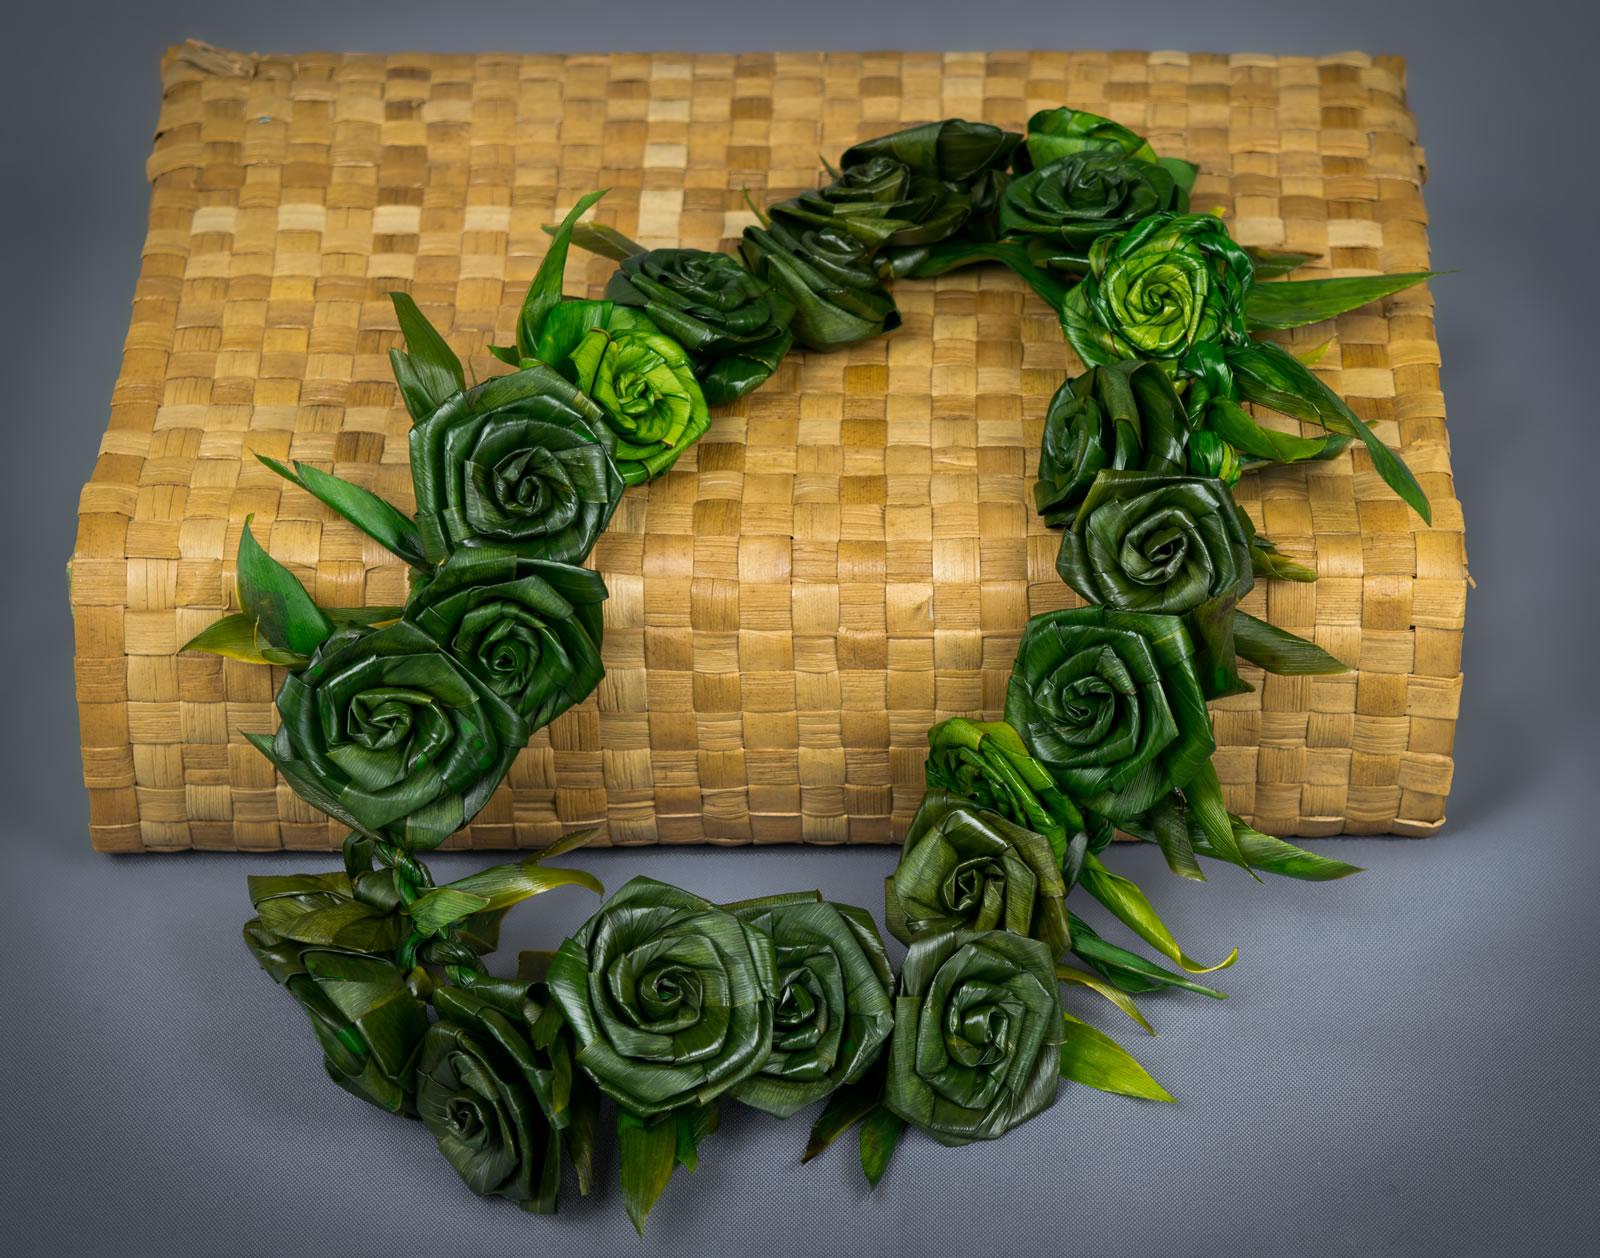 Ti Roses Lei Puna Ohana Tropical Flowers Leis